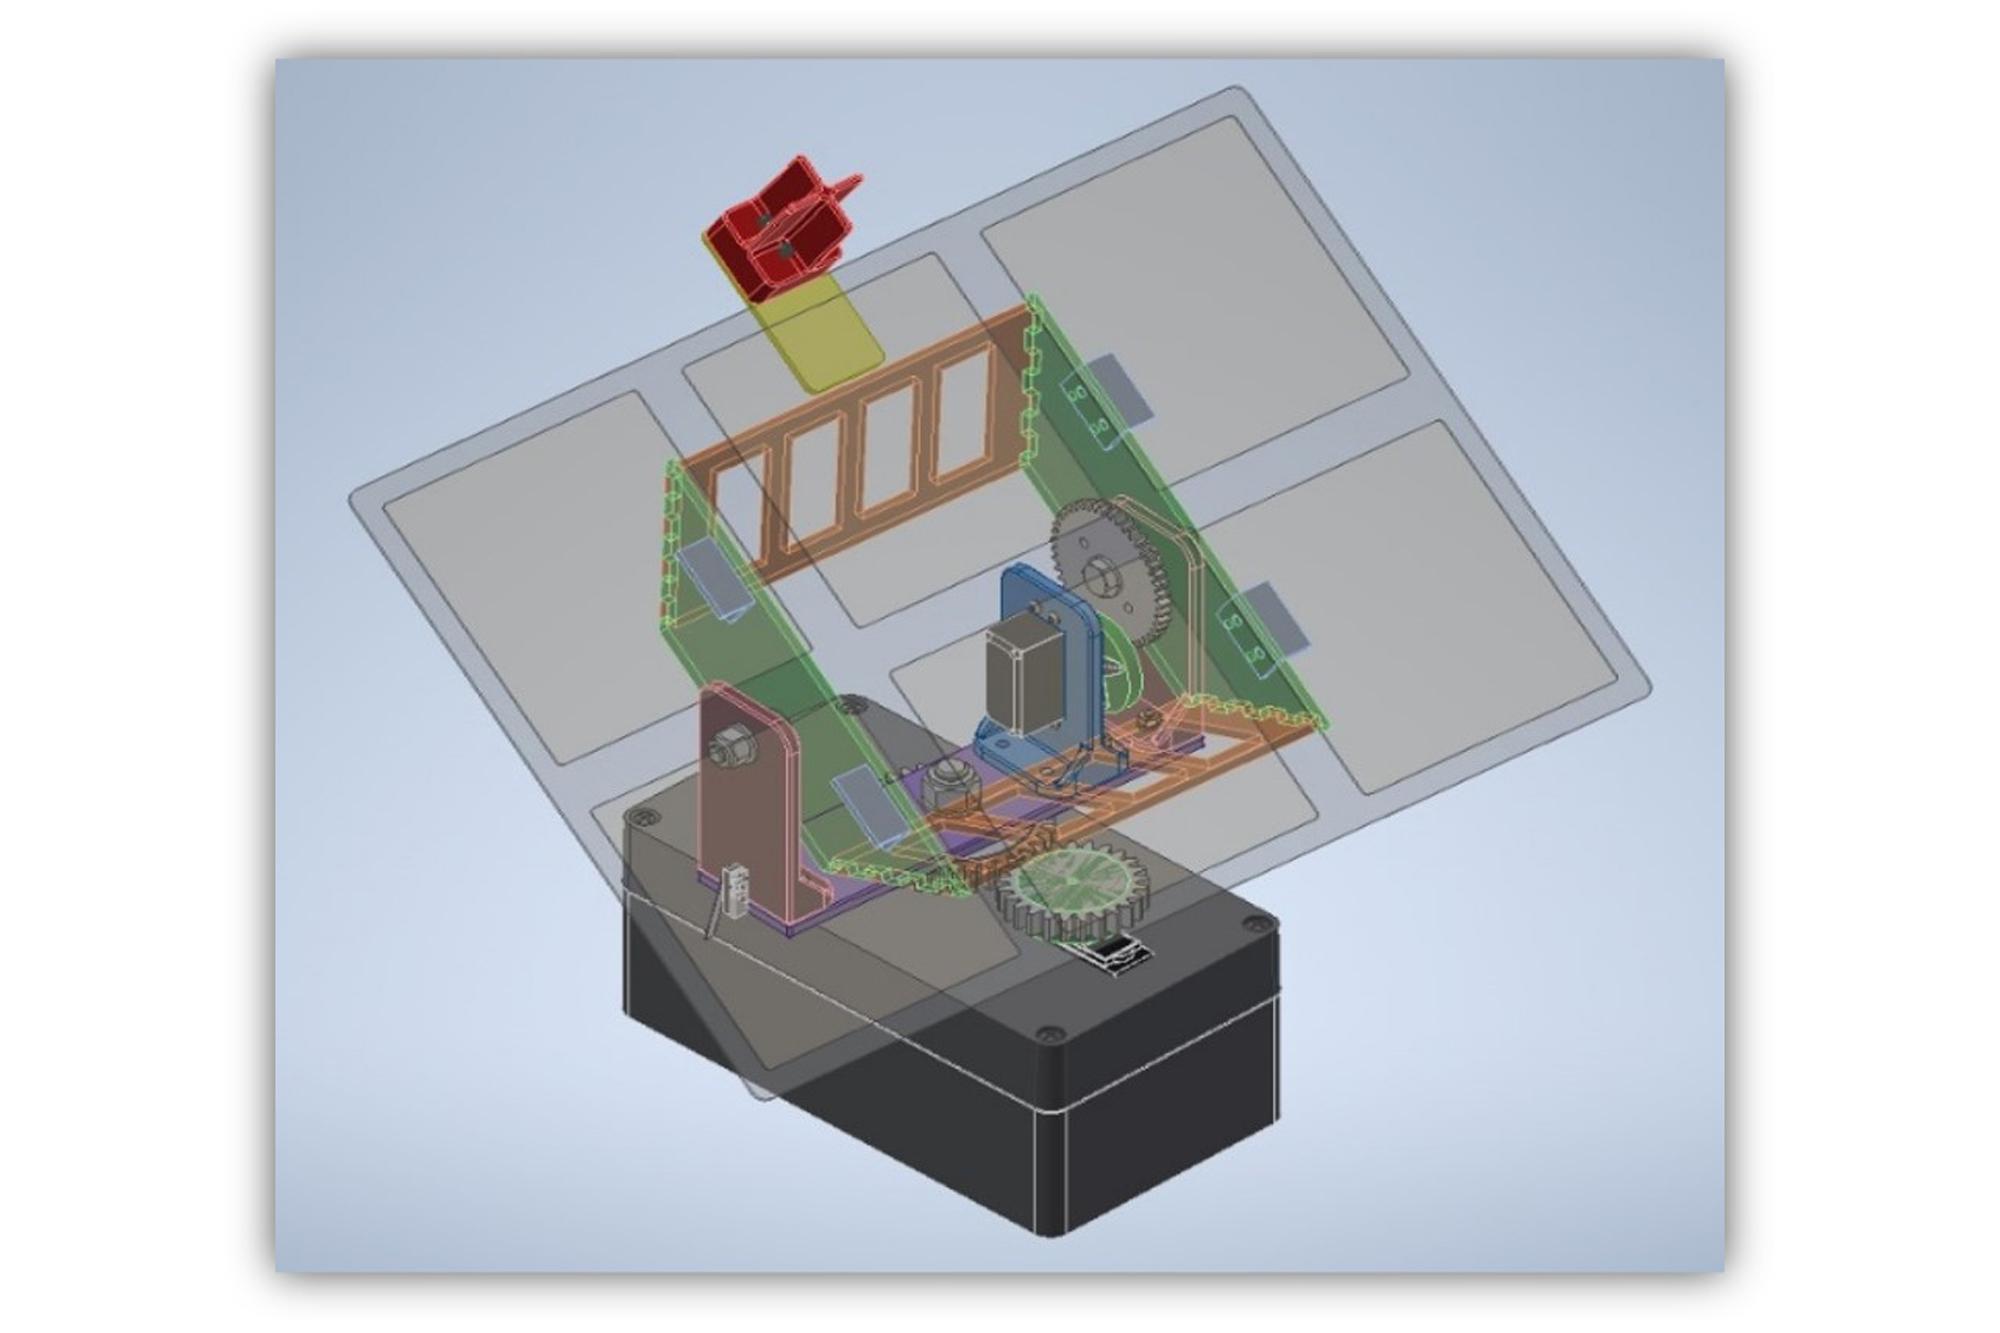 3D model of sun tracker assembly